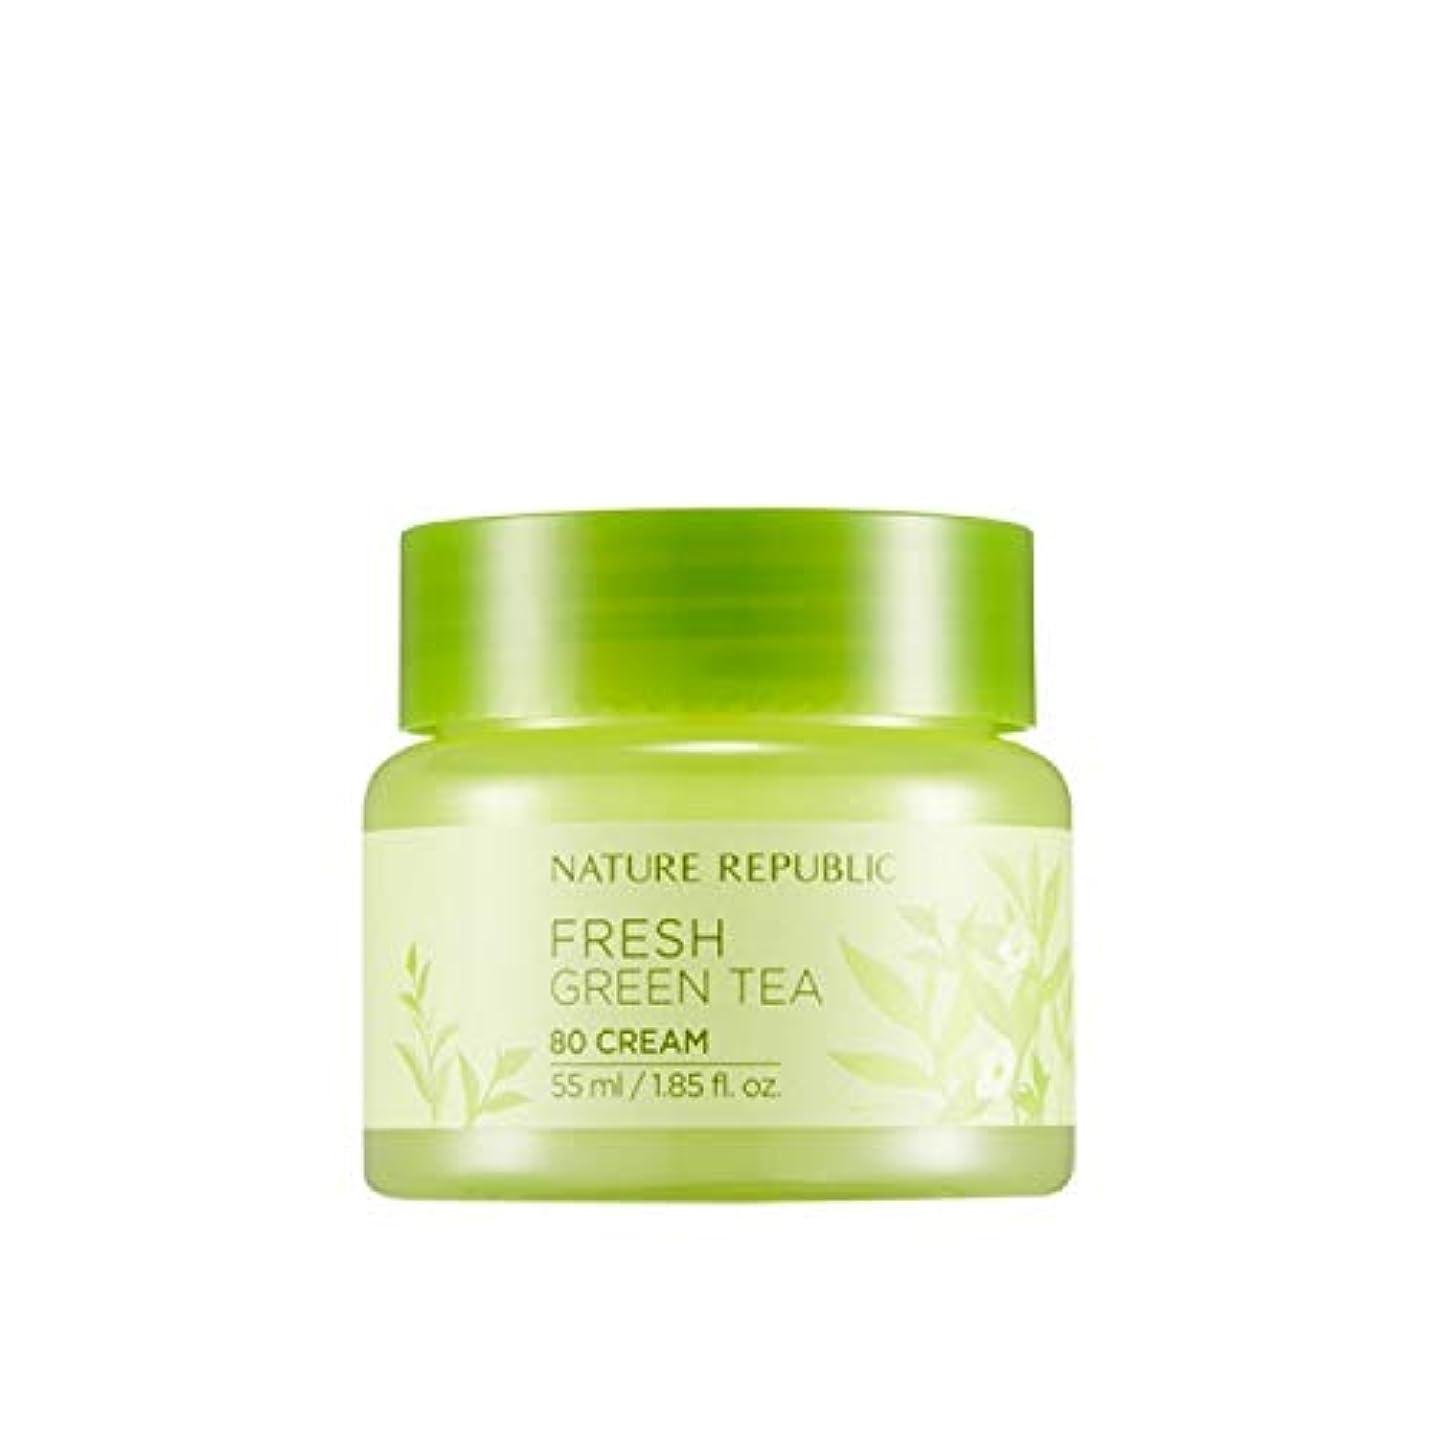 成人期クランプ歩道ネイチャーリパブリック(Nature Republic)フレッシュグリーンティー80クリーム 55ml / Fresh Green Tea 80 Cream 55ml :: 韓国コスメ [並行輸入品]